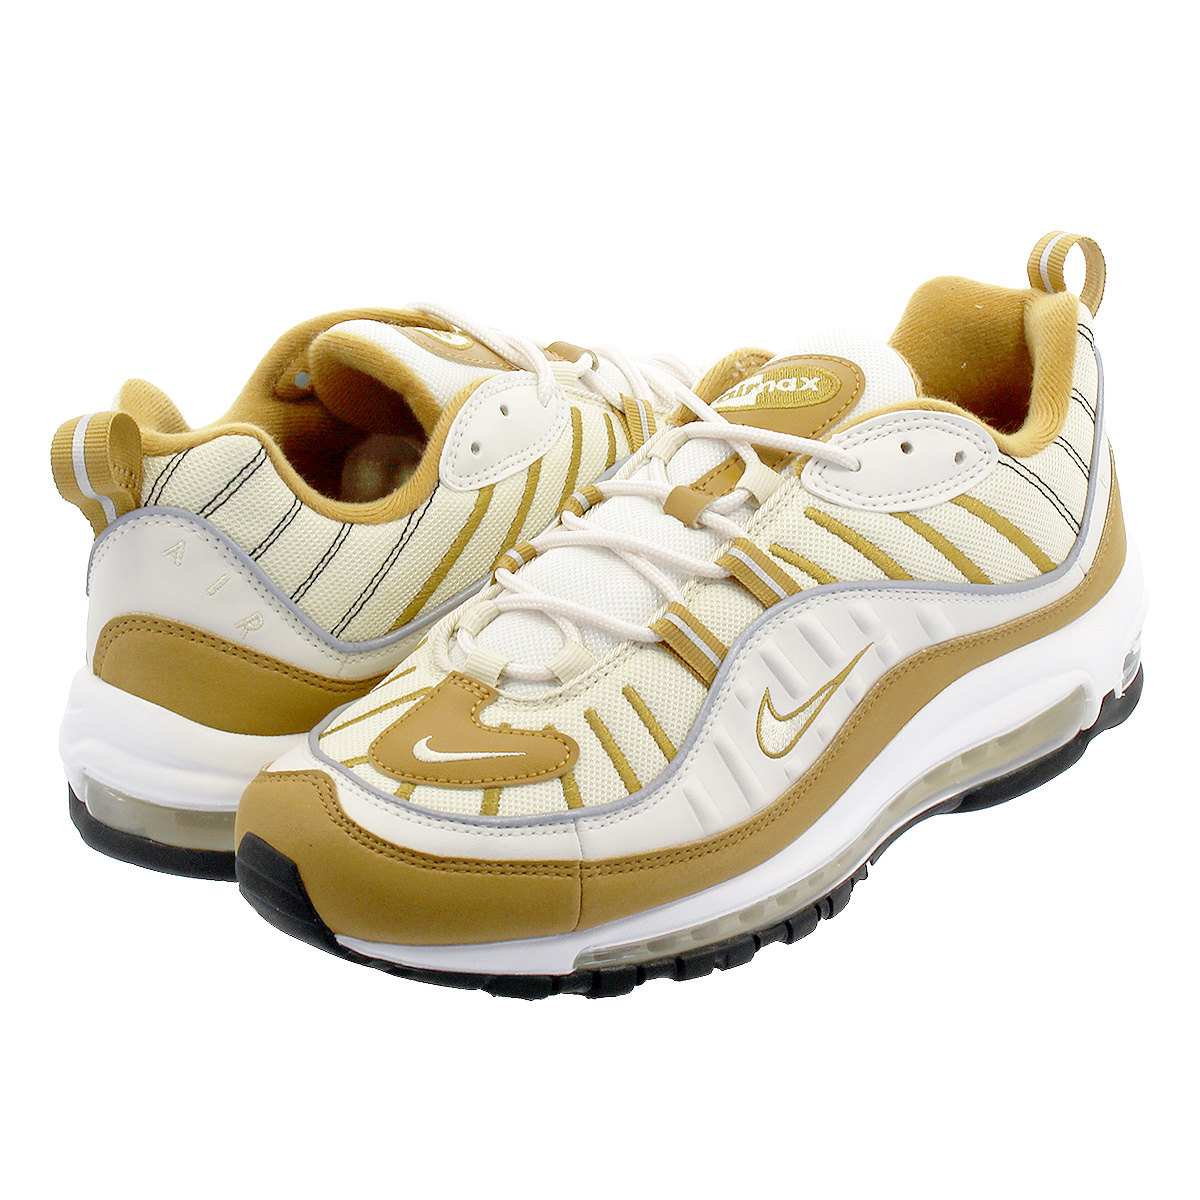 NIKE WMNS AIR MAX 98 Nike women Air Max 98 PHANTOMBEACHWHEATREFLECT SILVER ah6799 003